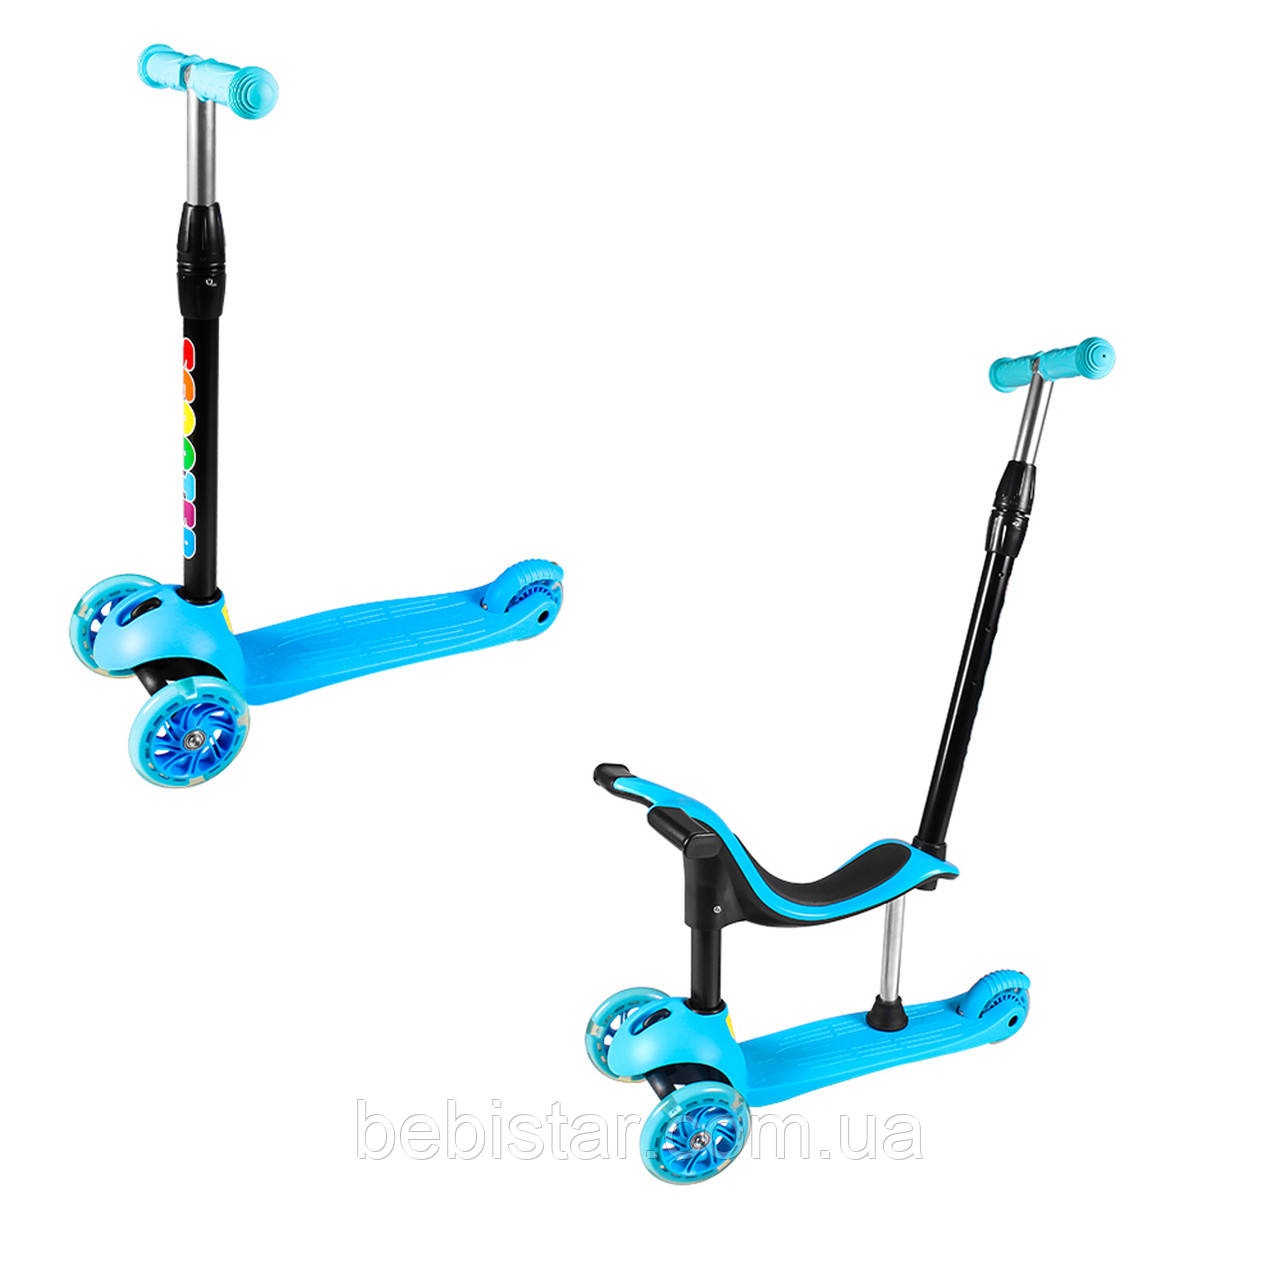 Самокат, беговел и каталка с ручкой и светящимися колесами, синий для малышей от 1,5 года